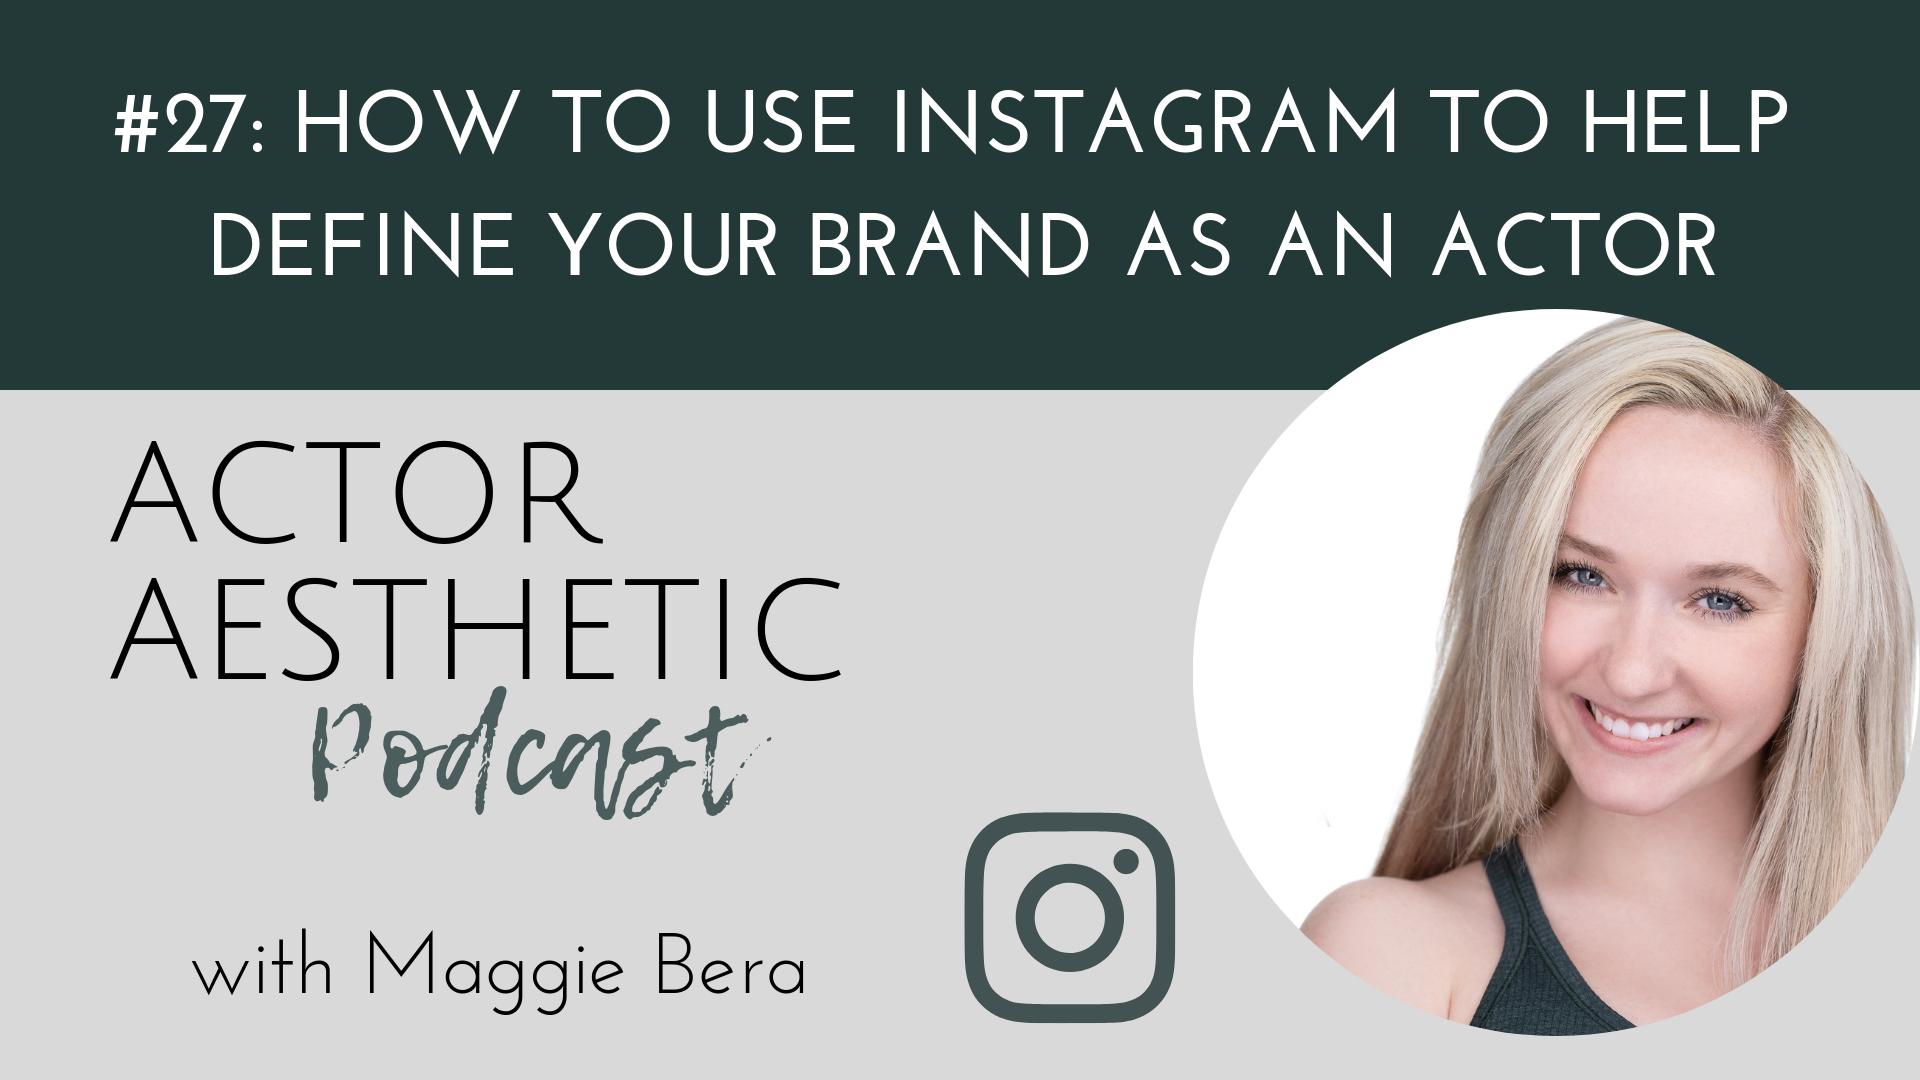 Actor Brand Social Media Instagram